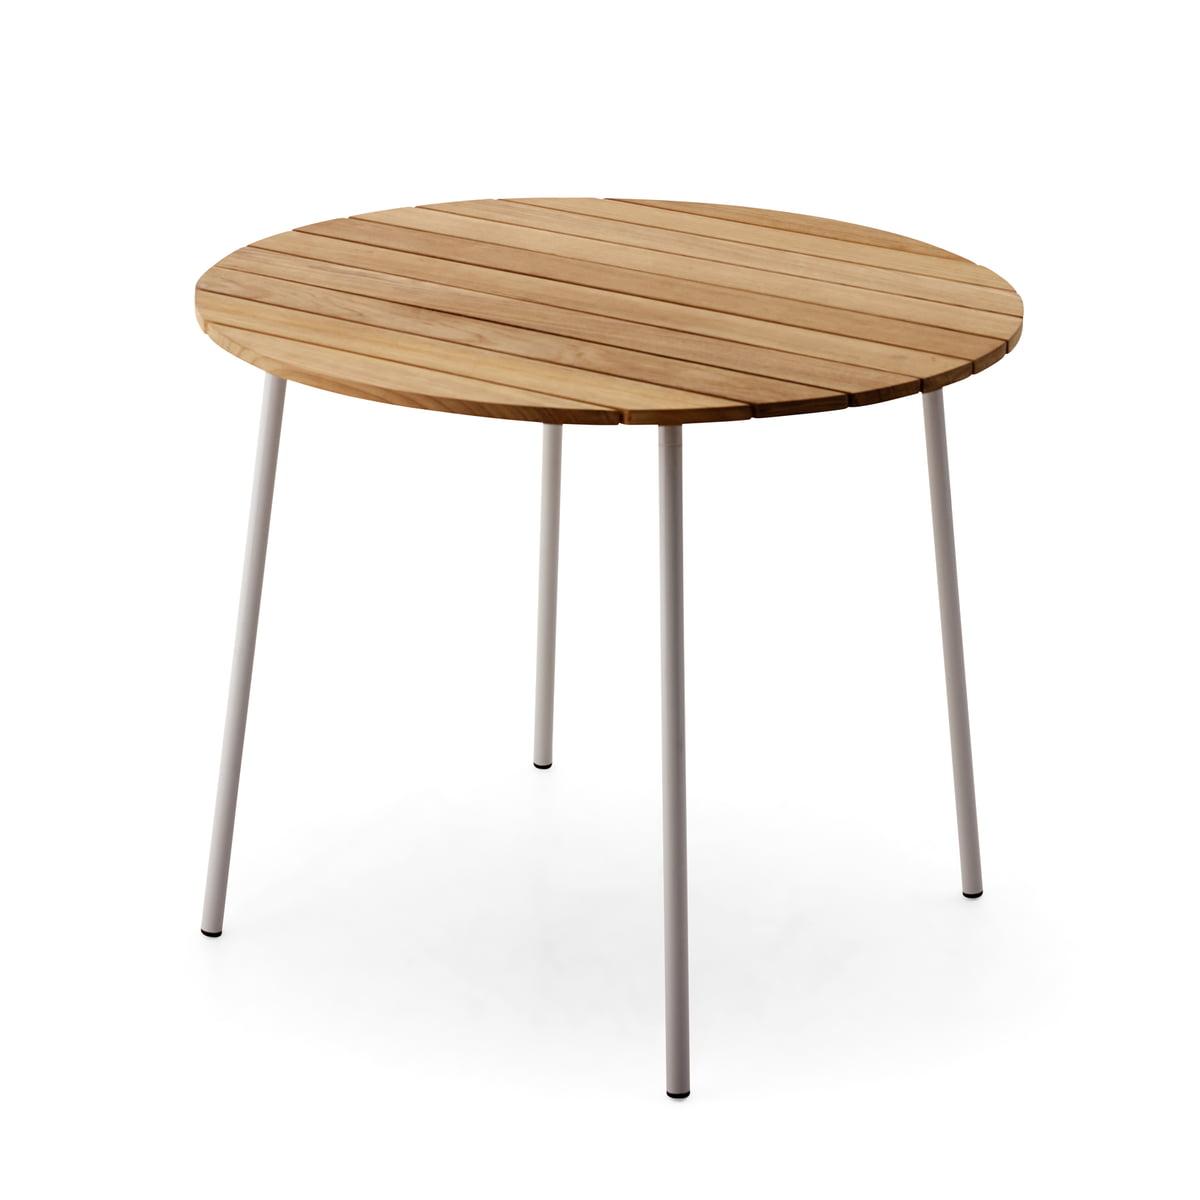 Tisch gezeichnet  Flux Tisch von Skagerak im Wohndesign-Shop